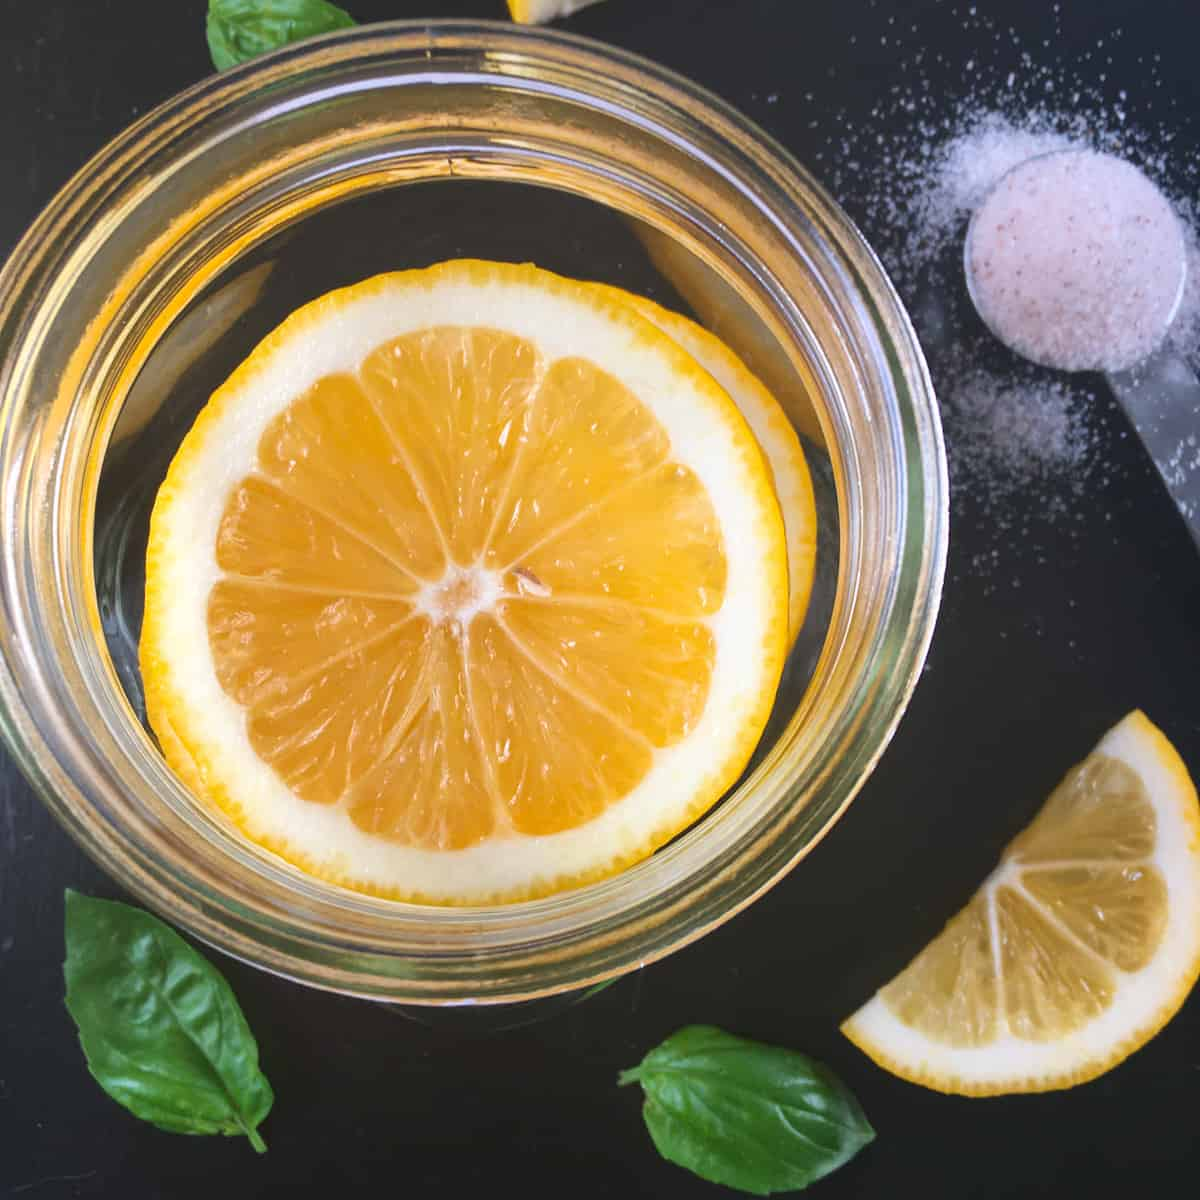 ferment lemons